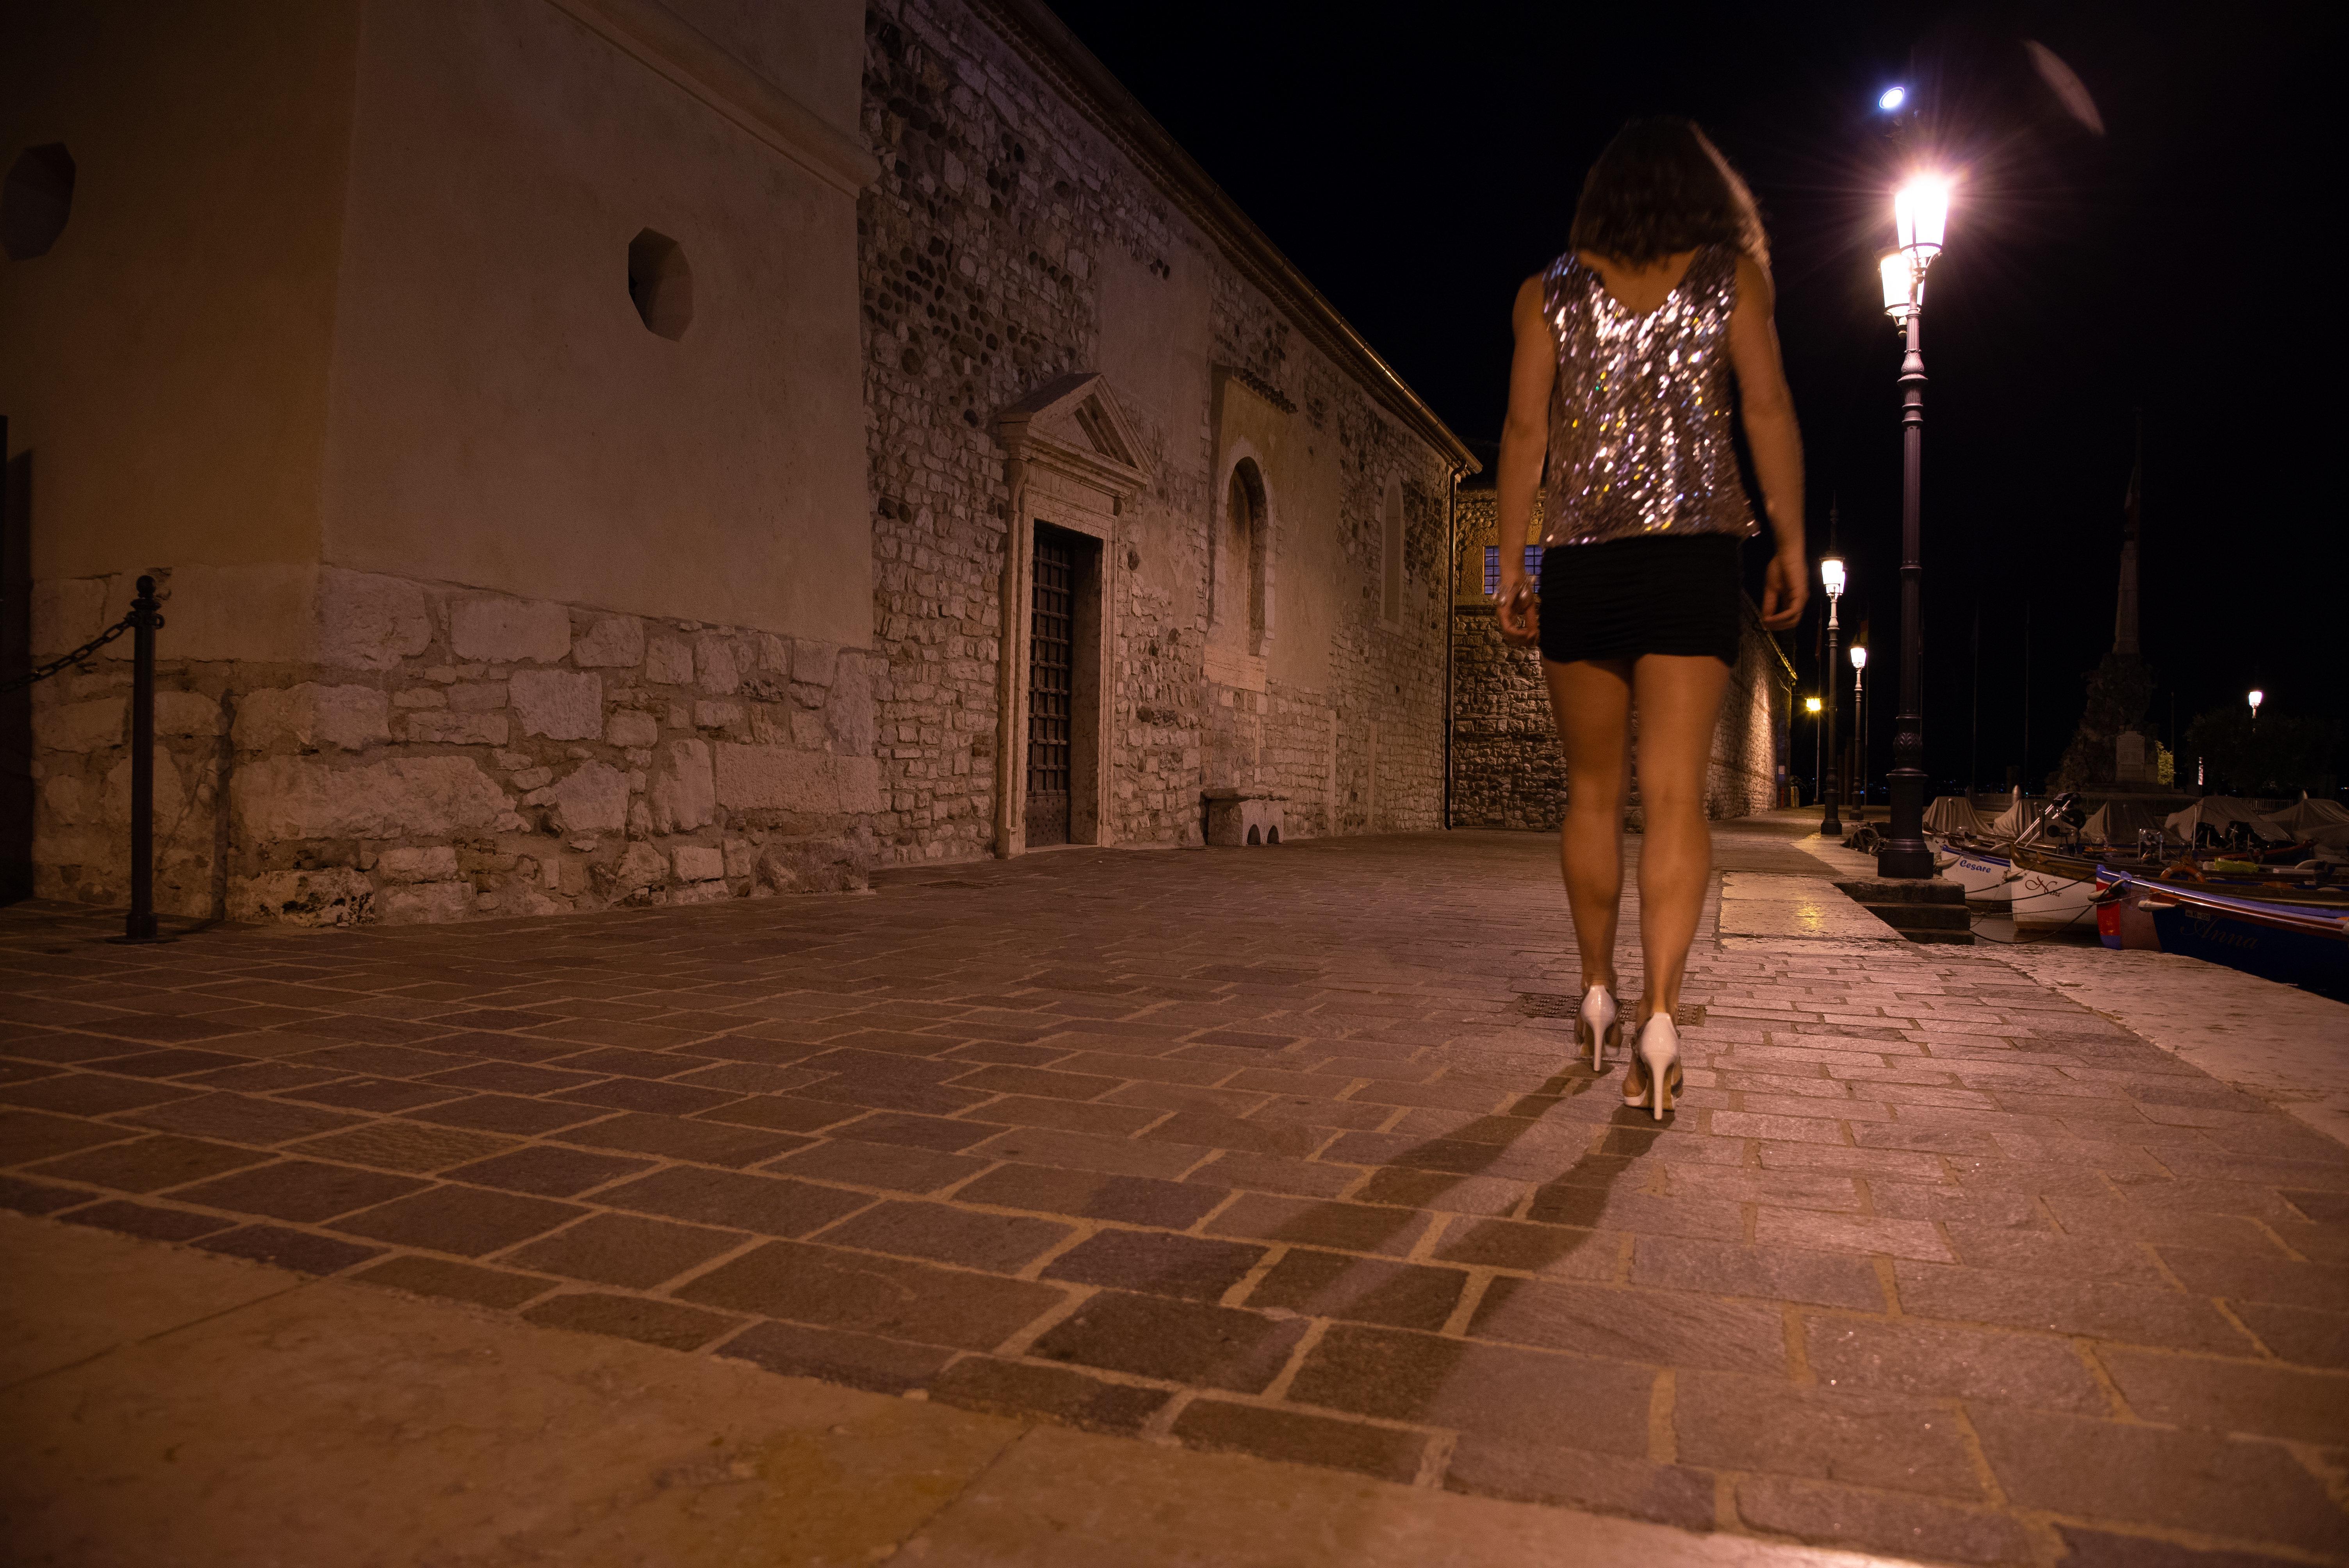 La prostitution en Tunisie: Des visages et des parcours